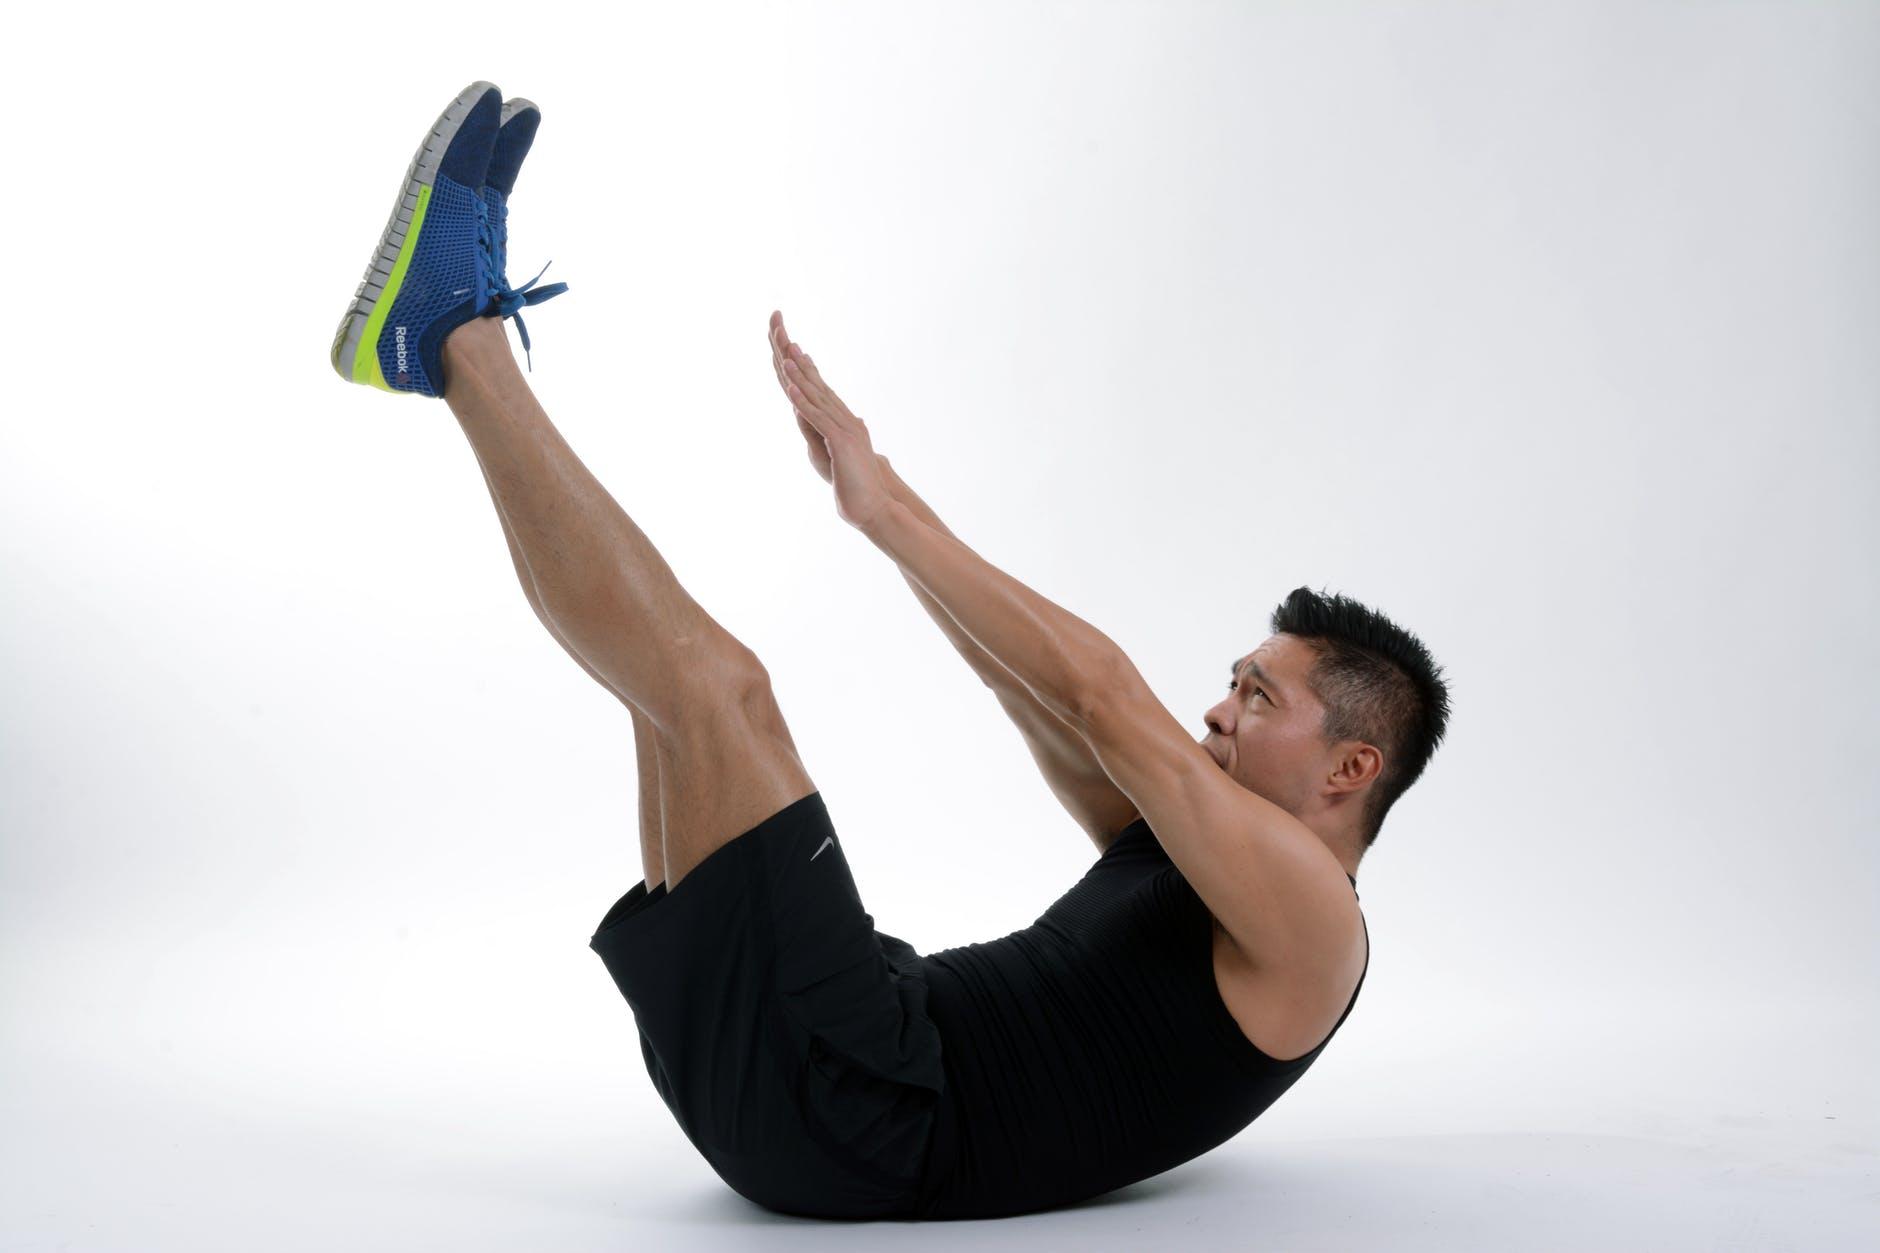 функциональные упражнения с собственным весом